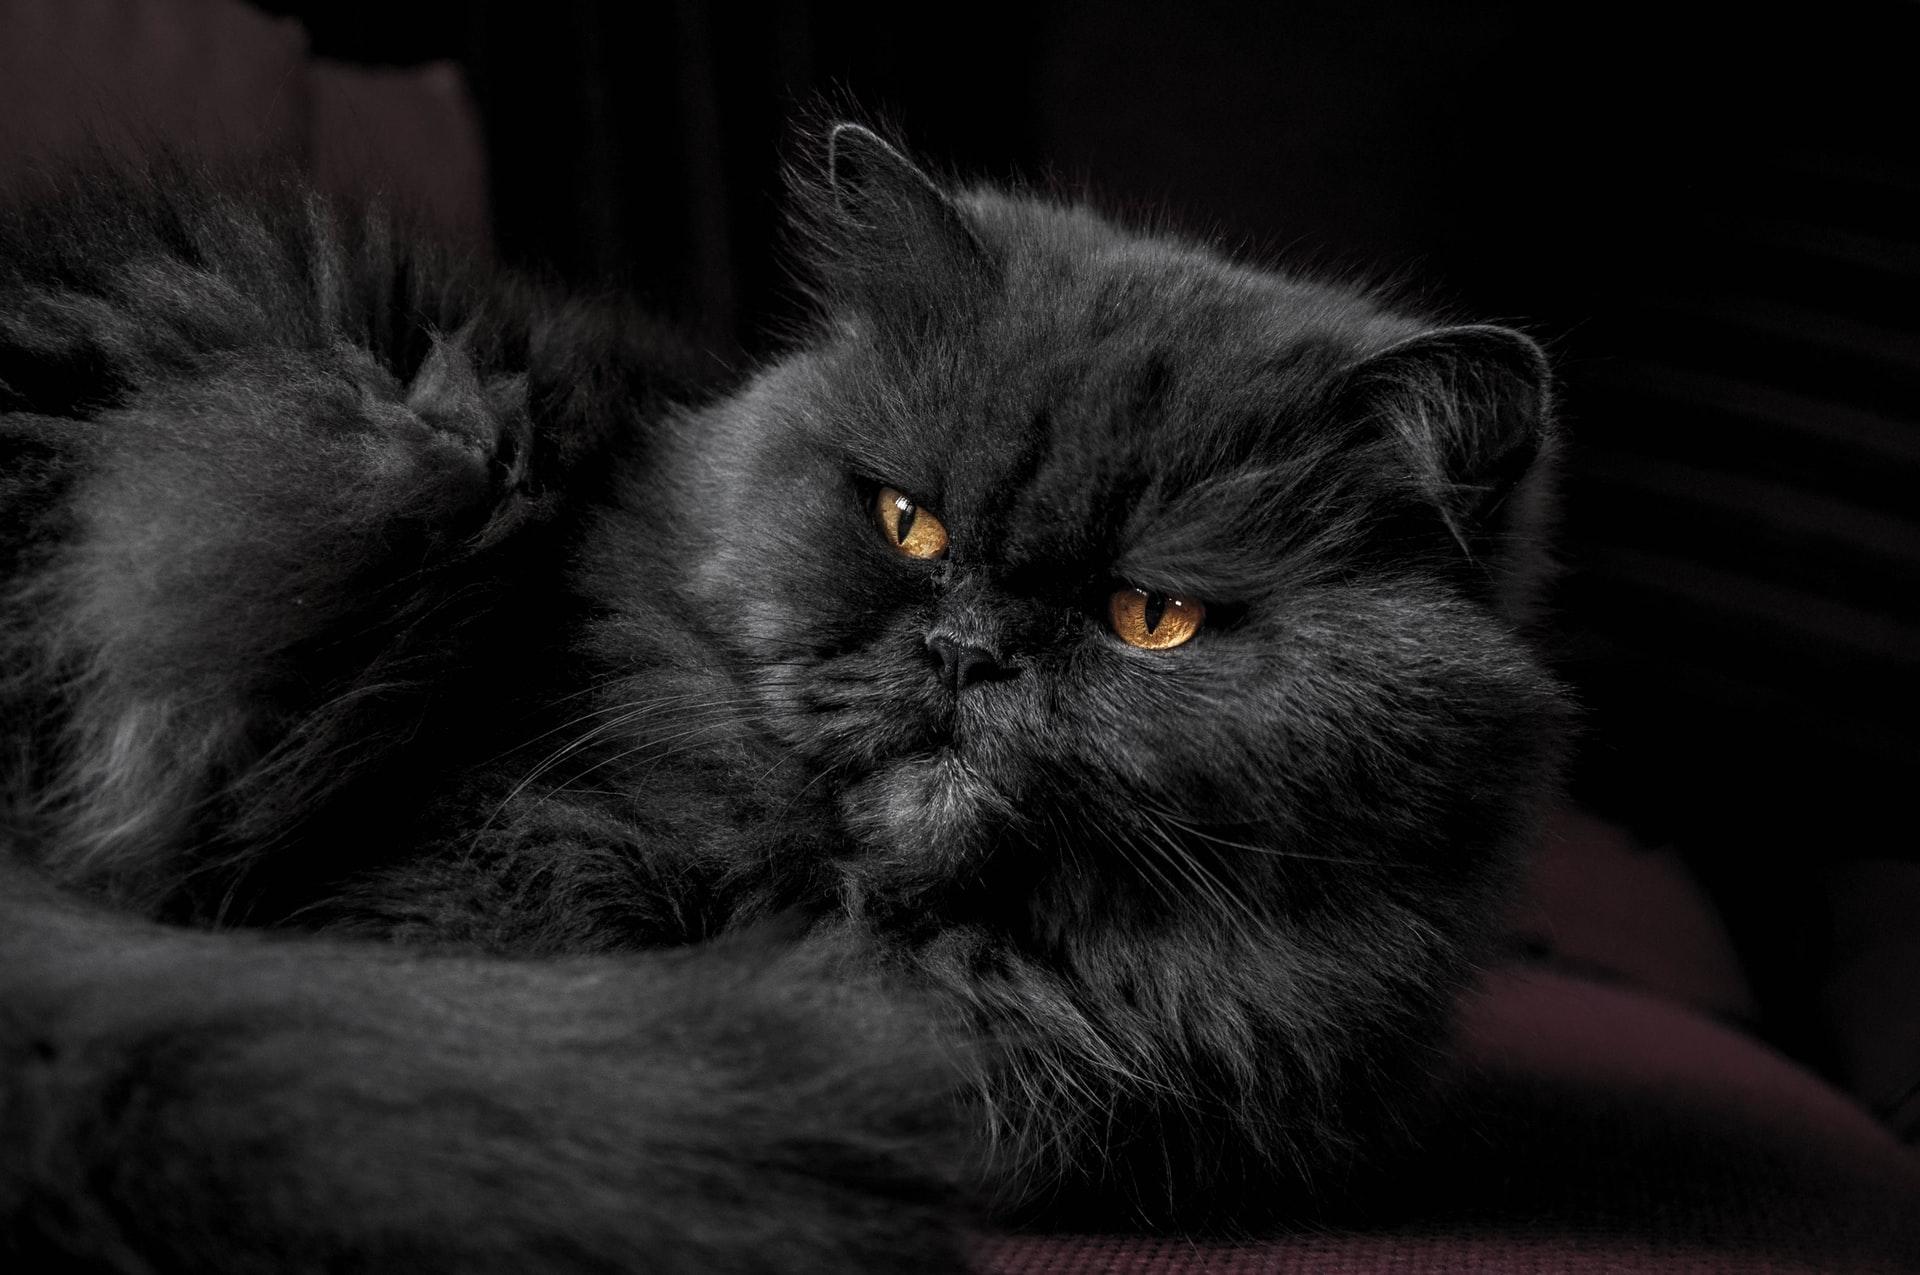 Quanto custa um gato dessa raça?